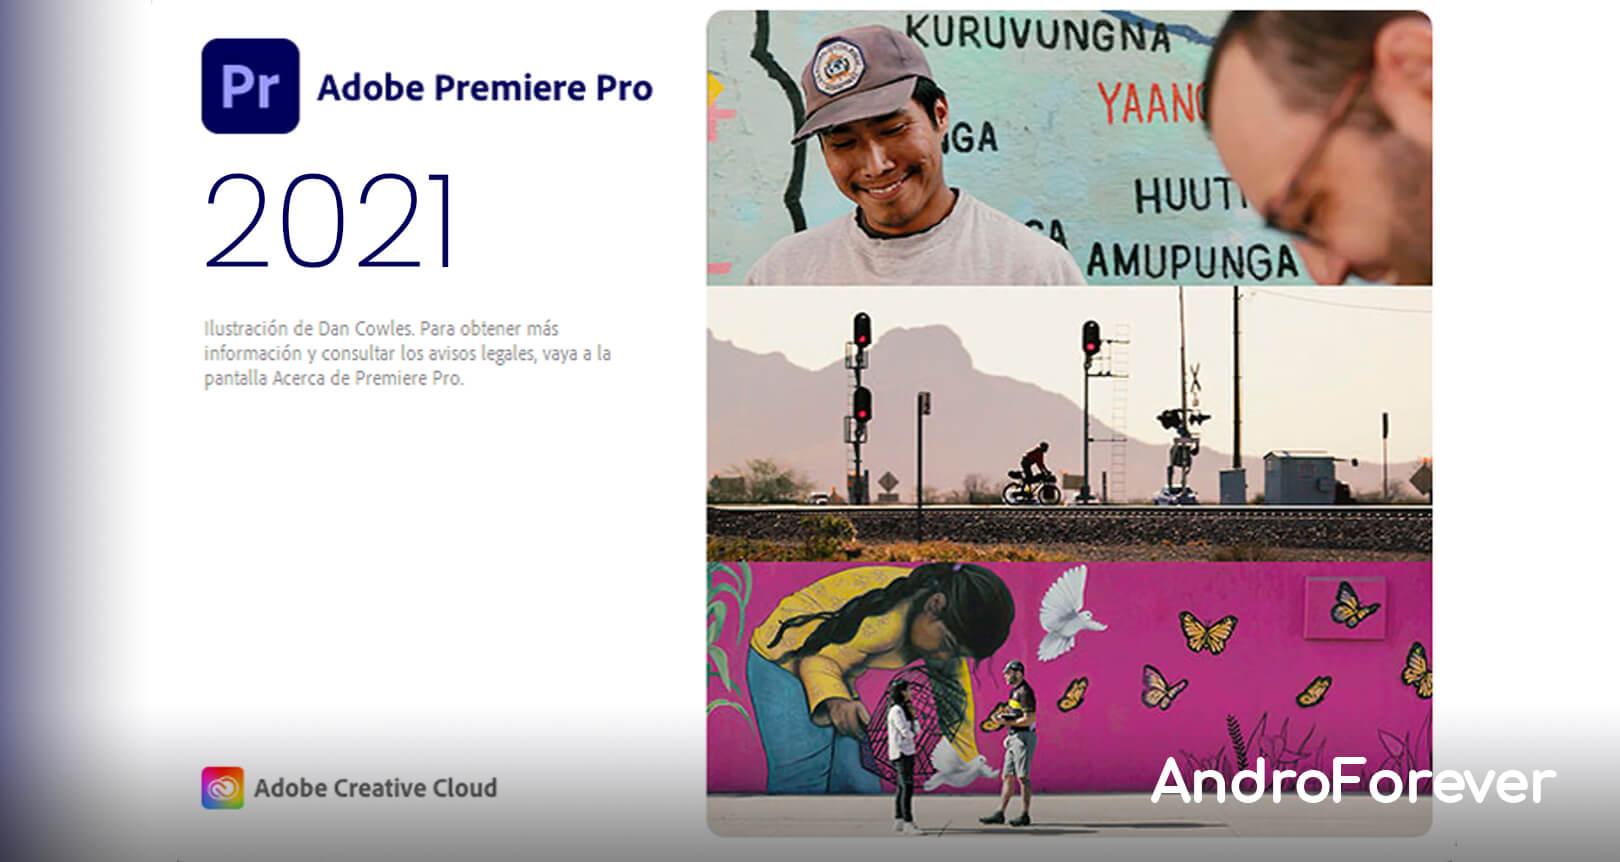 Install Adove Premiere Pro Cc For Free